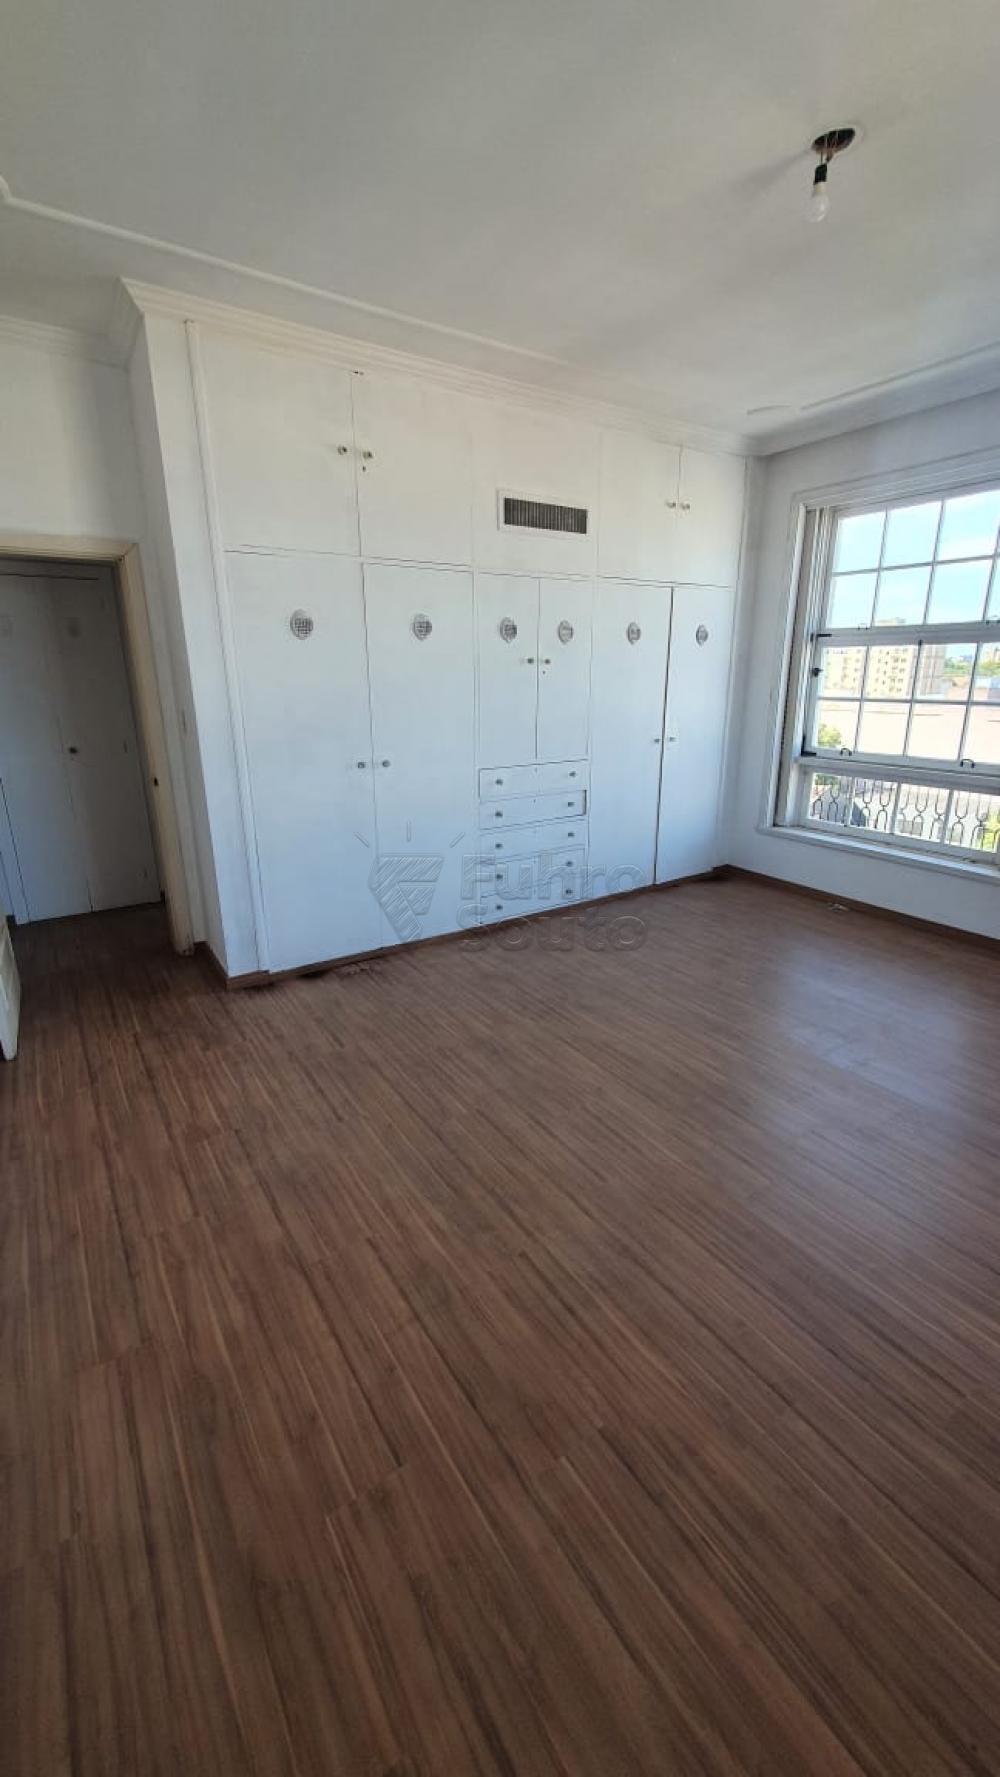 Comprar Apartamento / Padrão em Pelotas R$ 420.000,00 - Foto 14